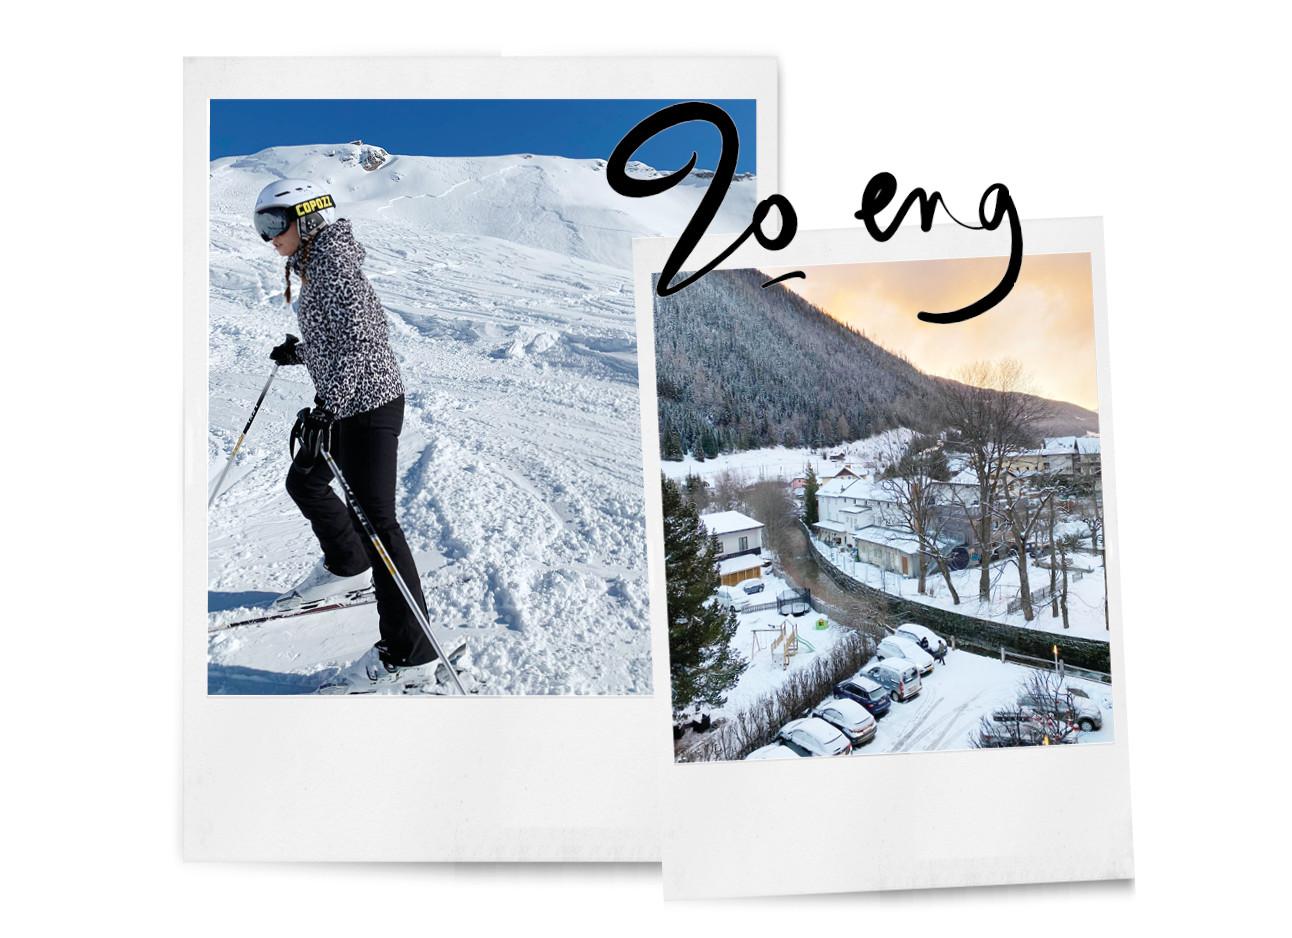 Kiki op wintersport lawine gevaar